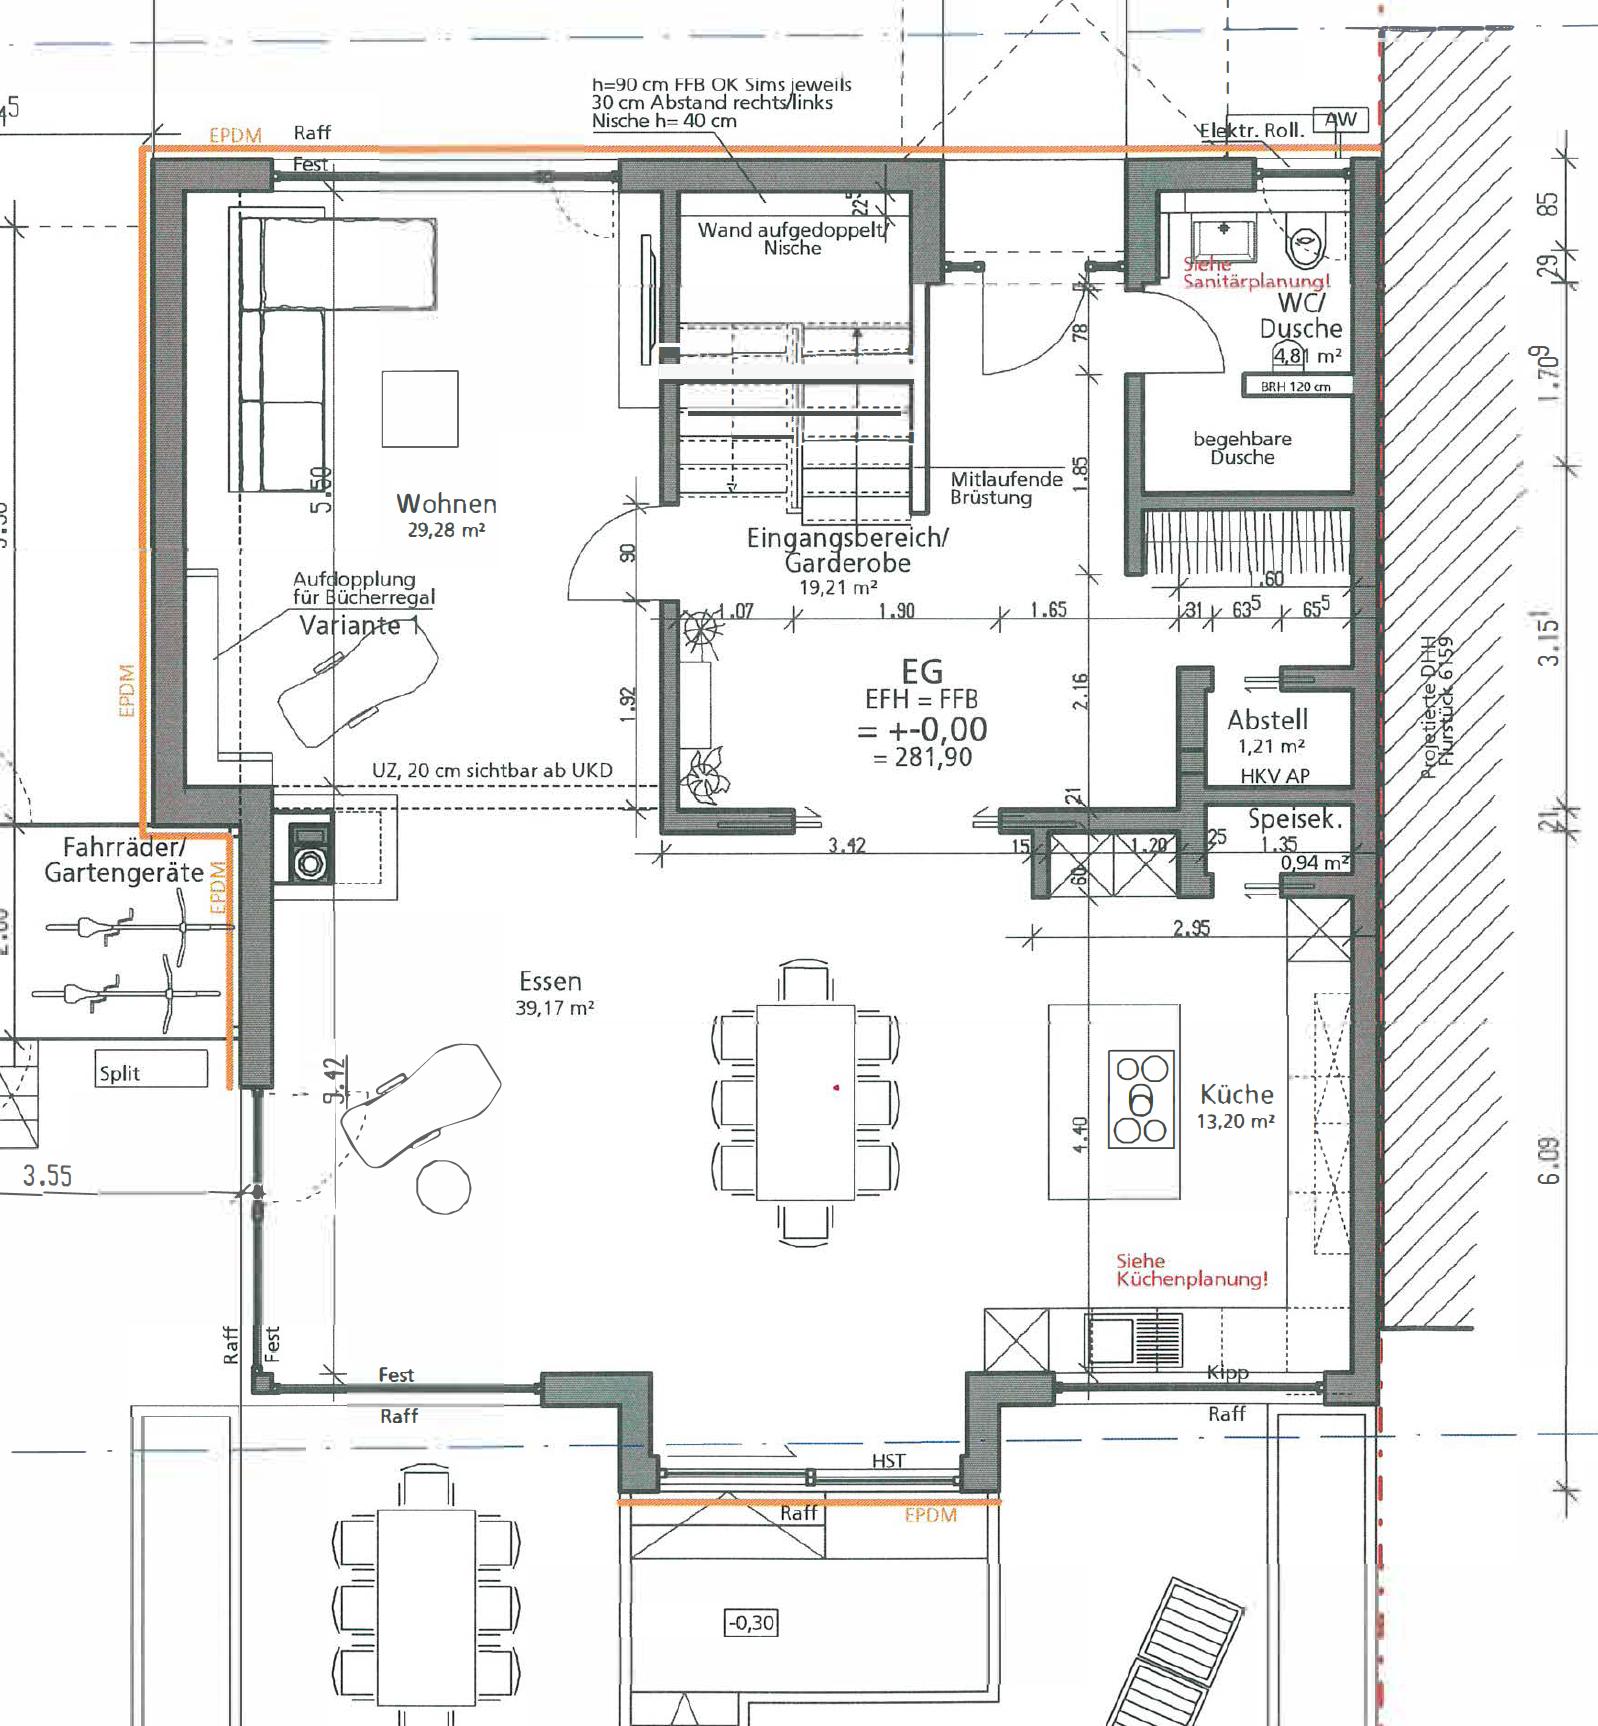 Haus U120 - Eine Nahaufnahme von einer Karte - Mietwohnungen